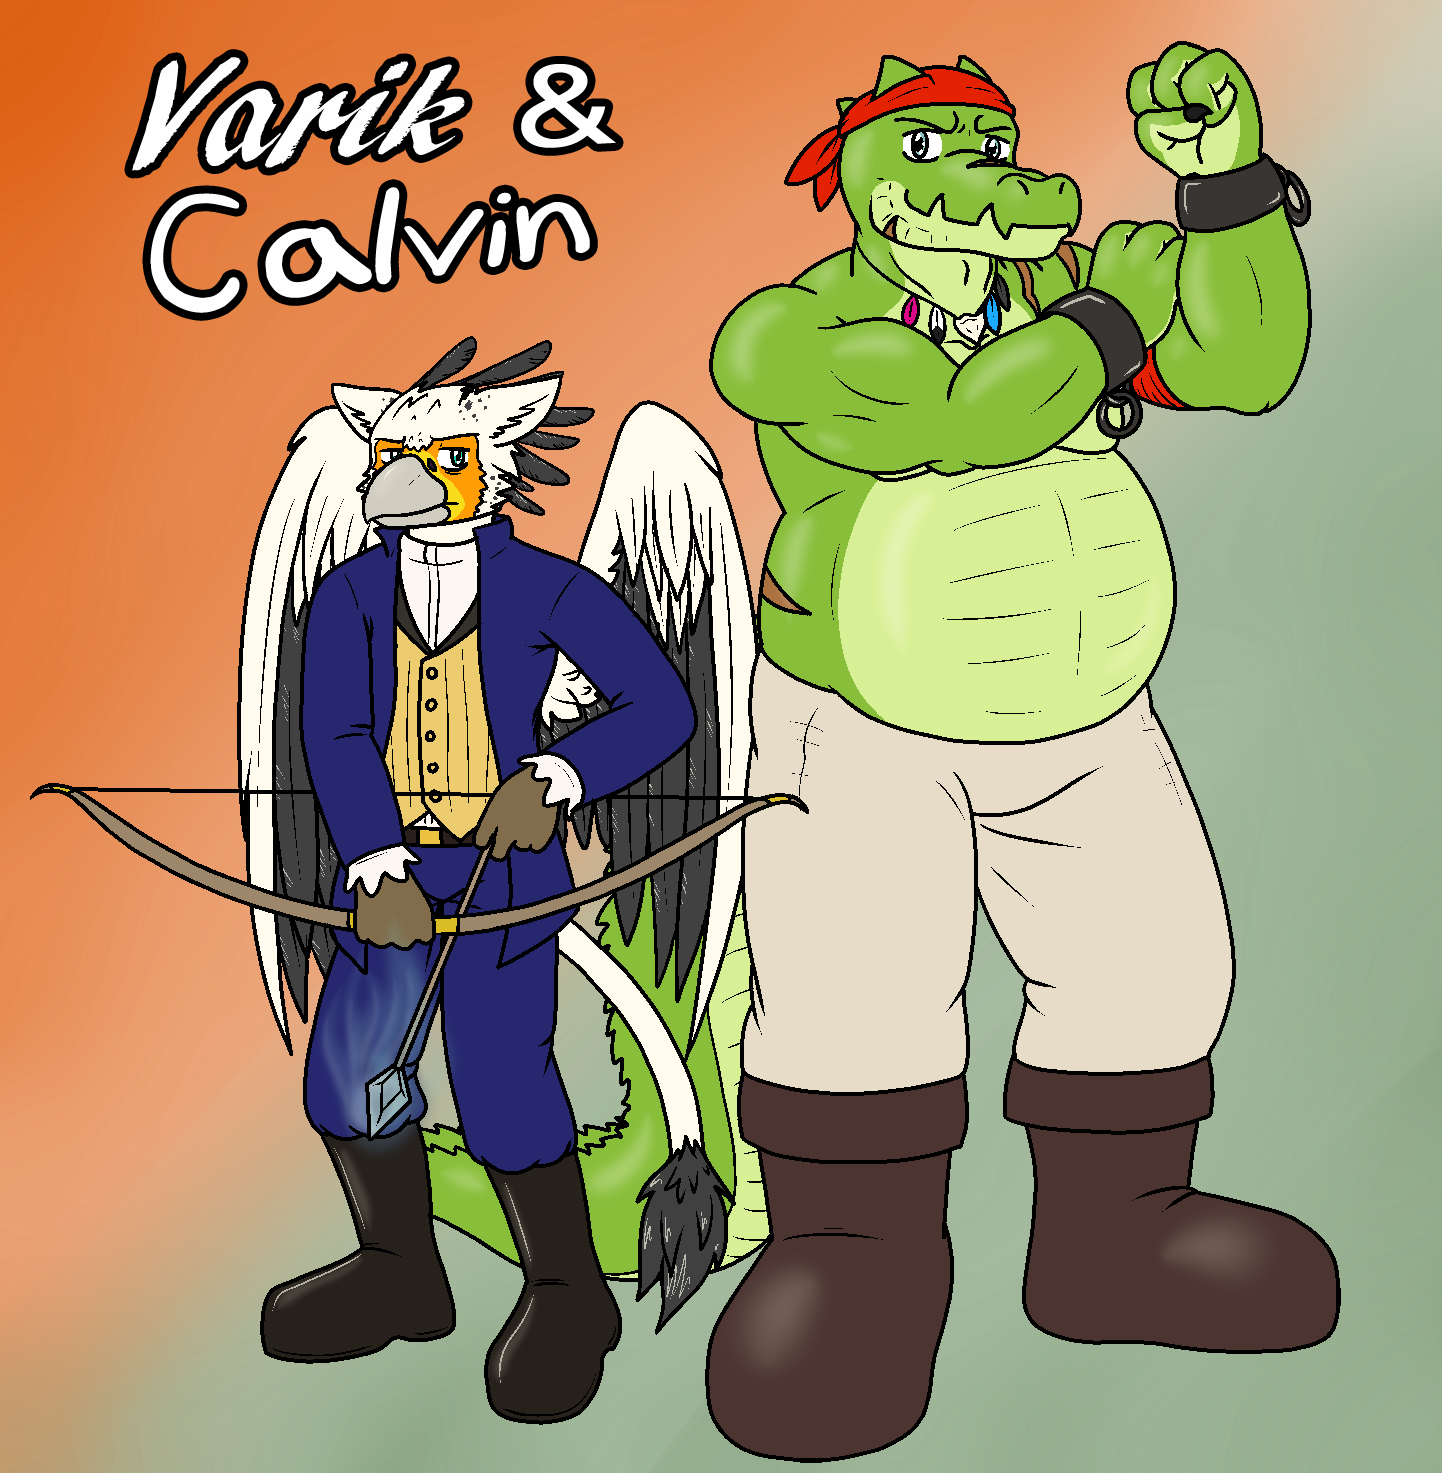 Varik and Calvin (2015 B-Day Gift for Immy)